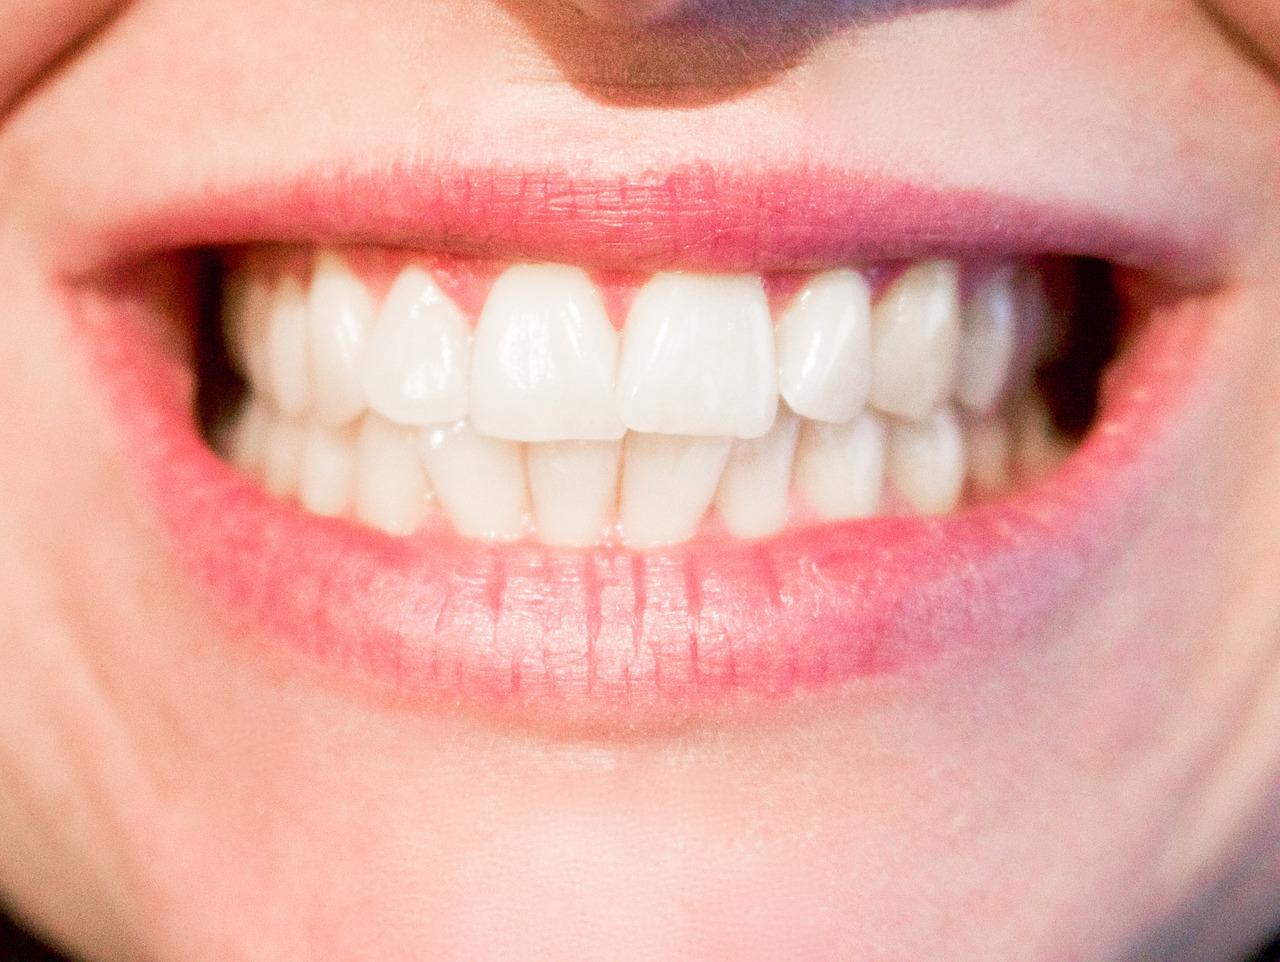 歯茎からの出血・・・大量出血は病気のサイン?